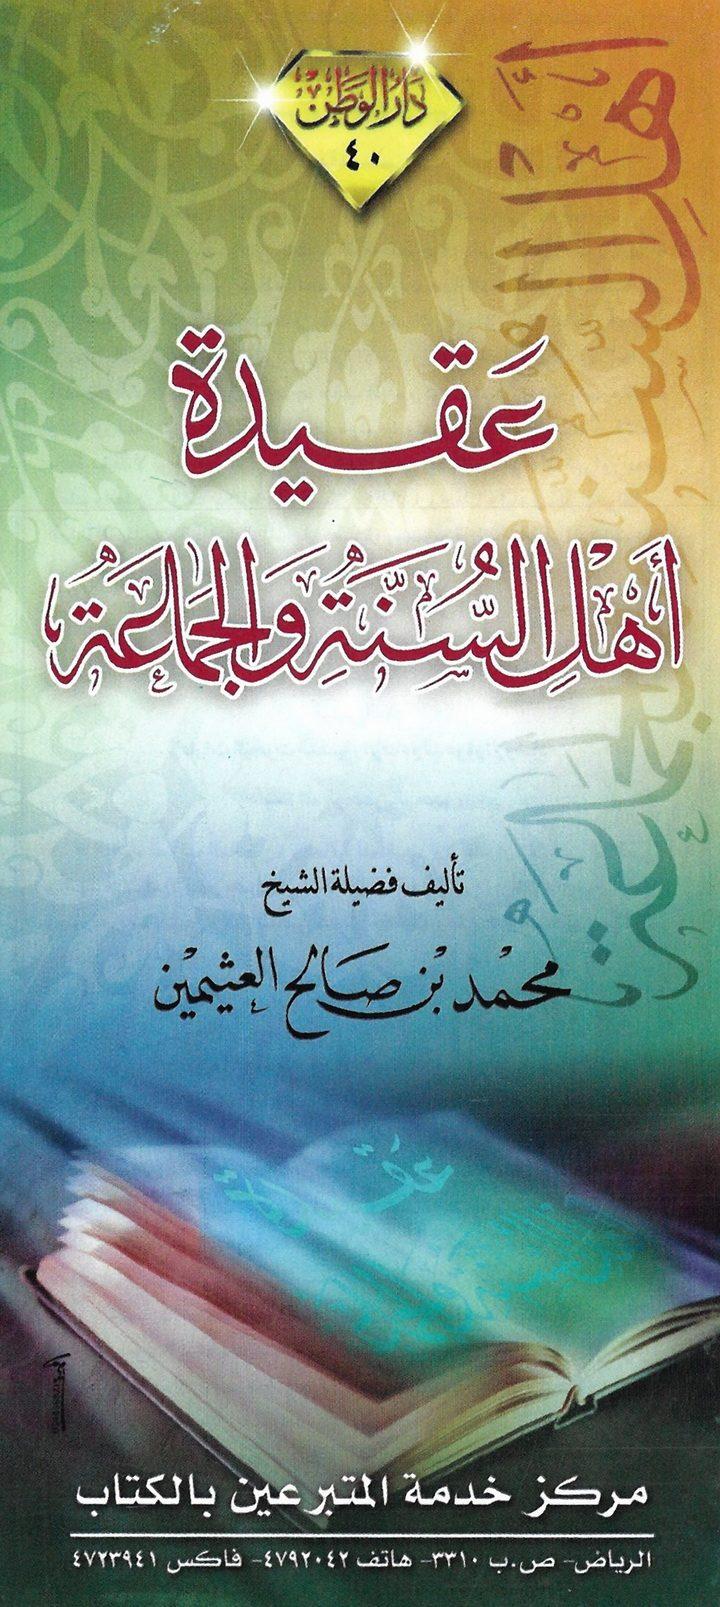 عقيدة أهل السنّة والجماعة (محمد بن صالح العثيمين – دار الوطن)